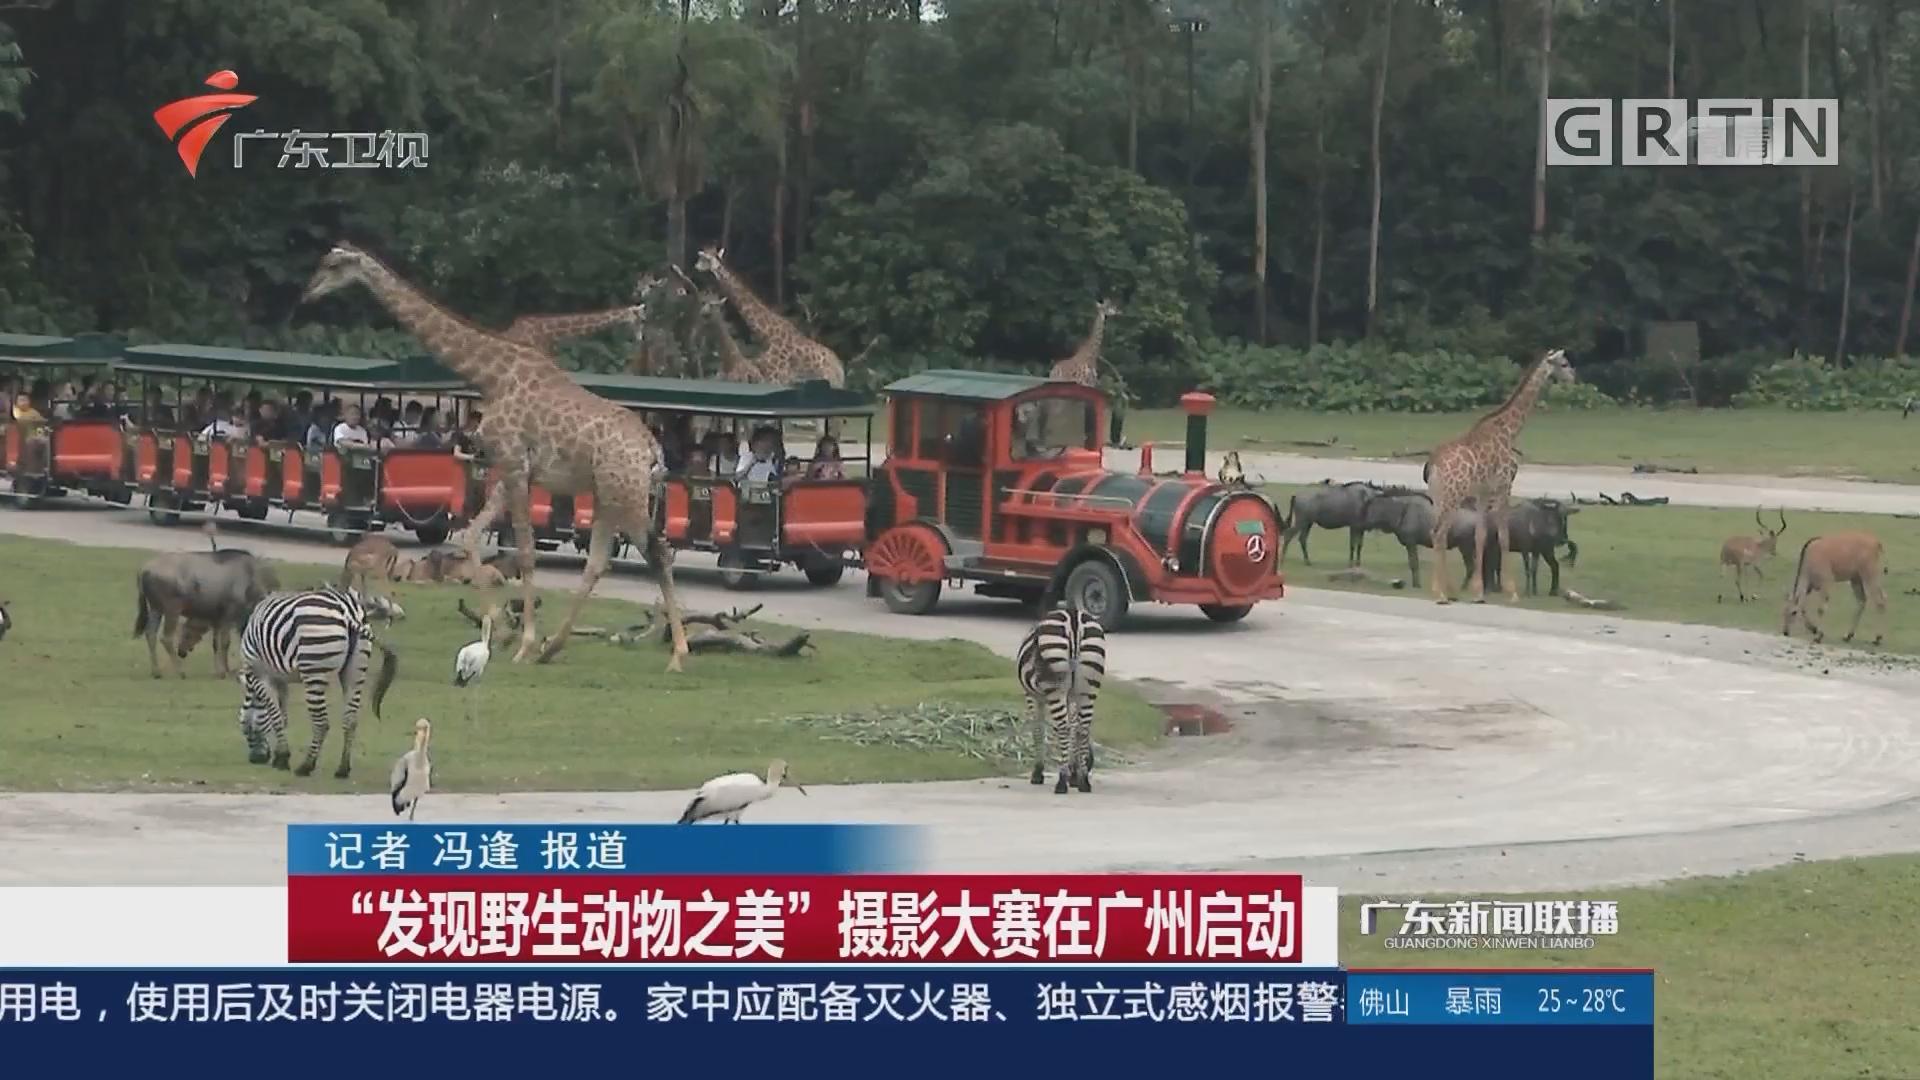 """""""发现野生动物之美""""摄影大赛在广州启动"""